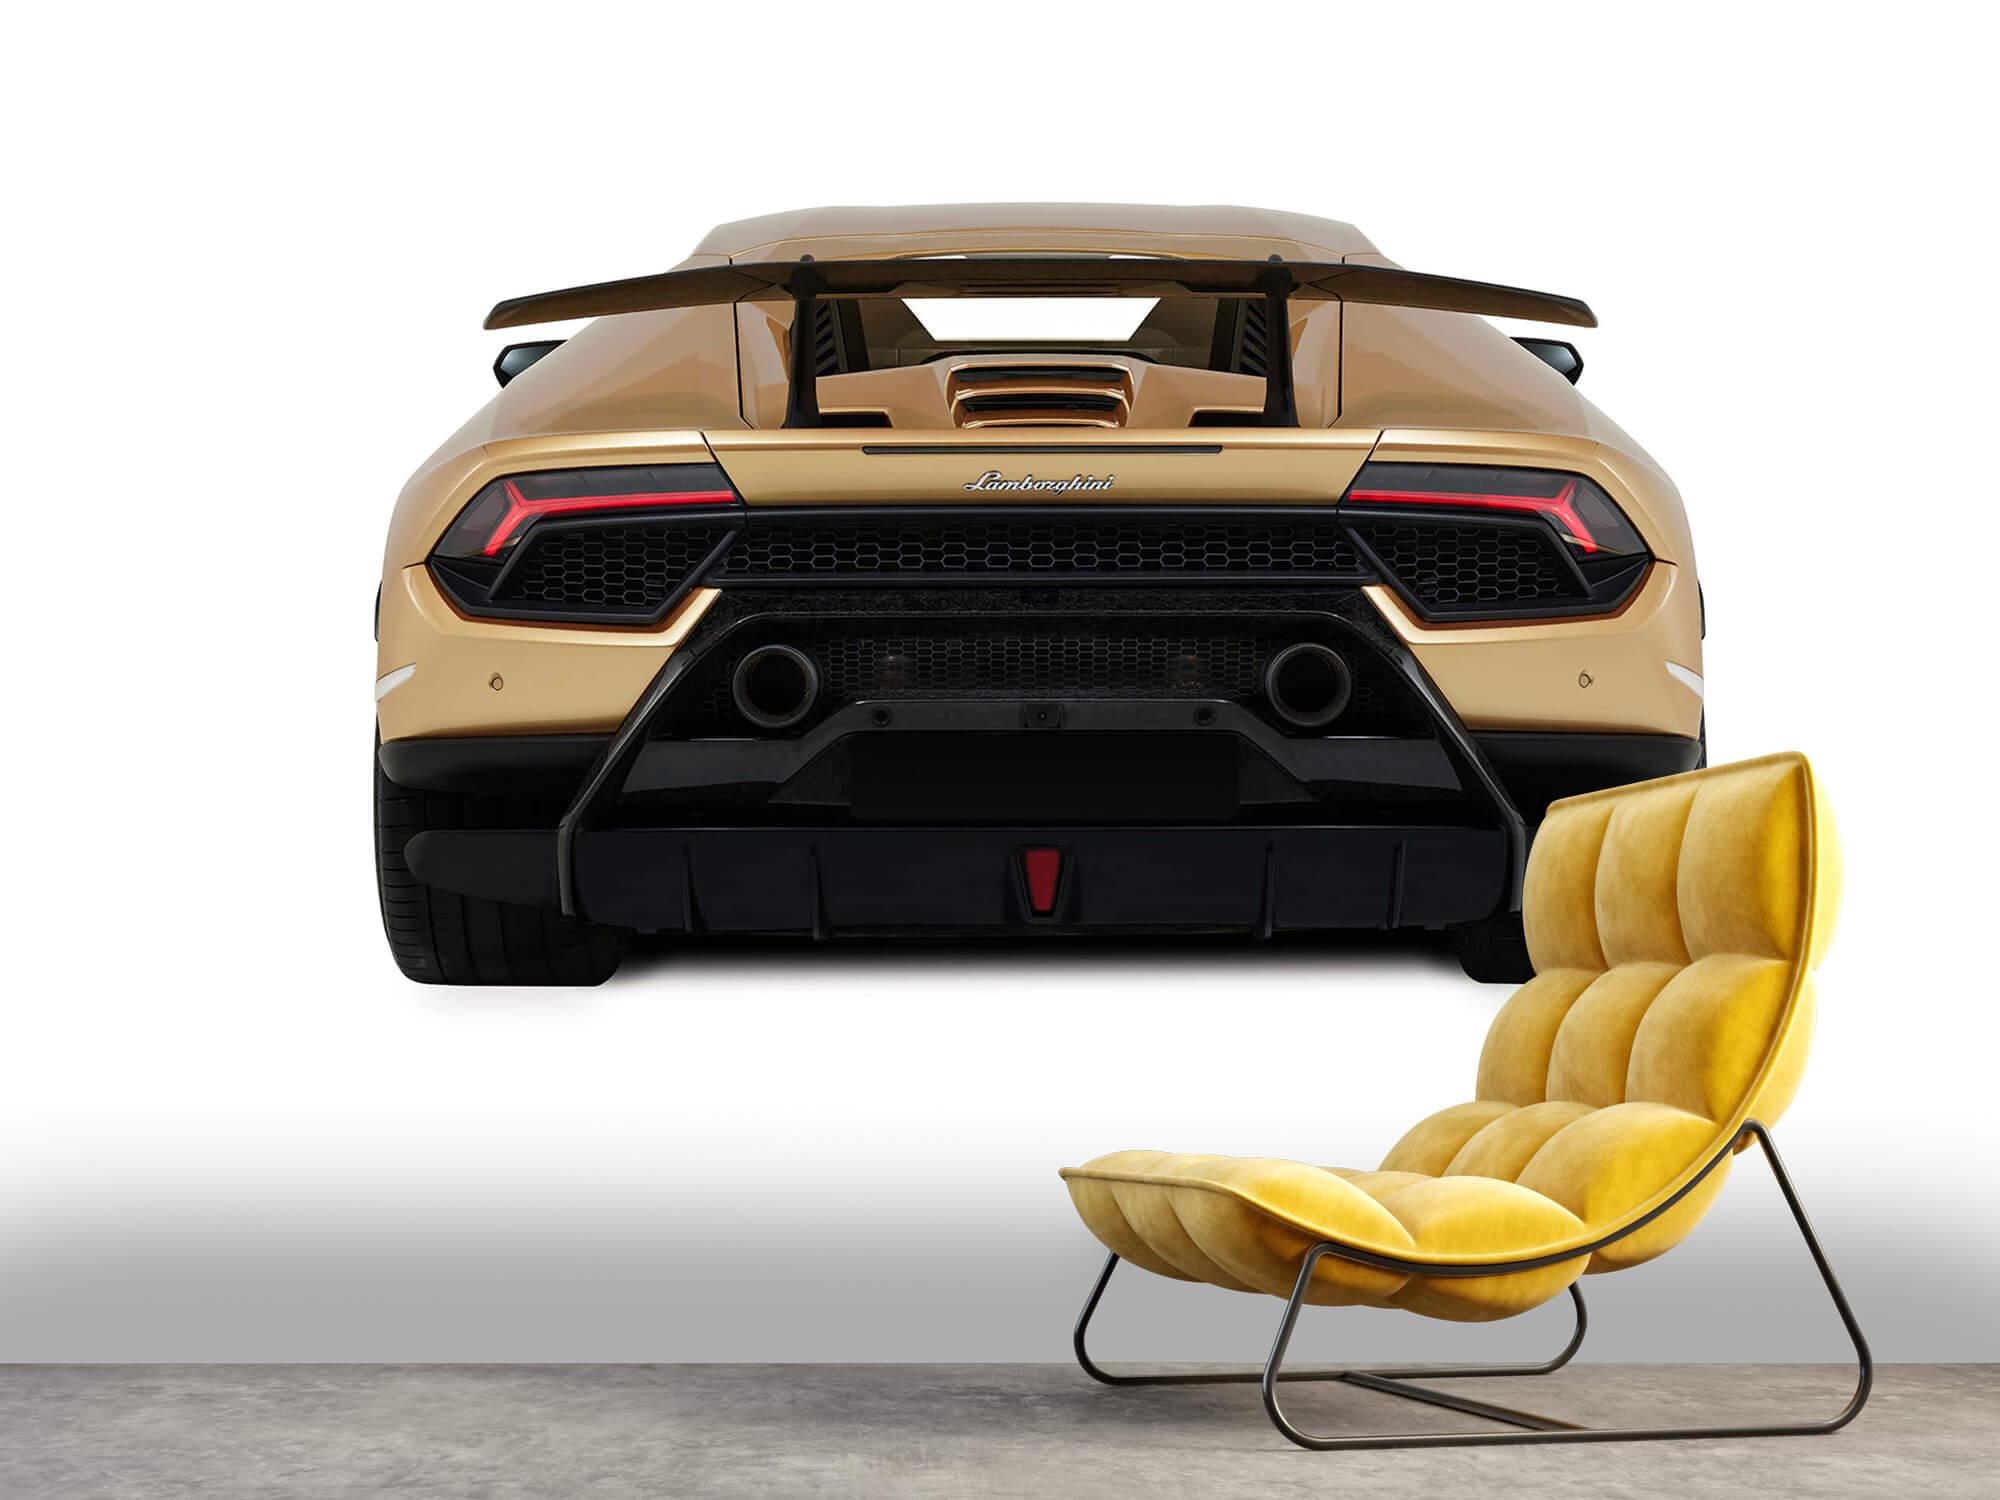 Wallpaper Lamborghini Huracán - Rear view, white 10